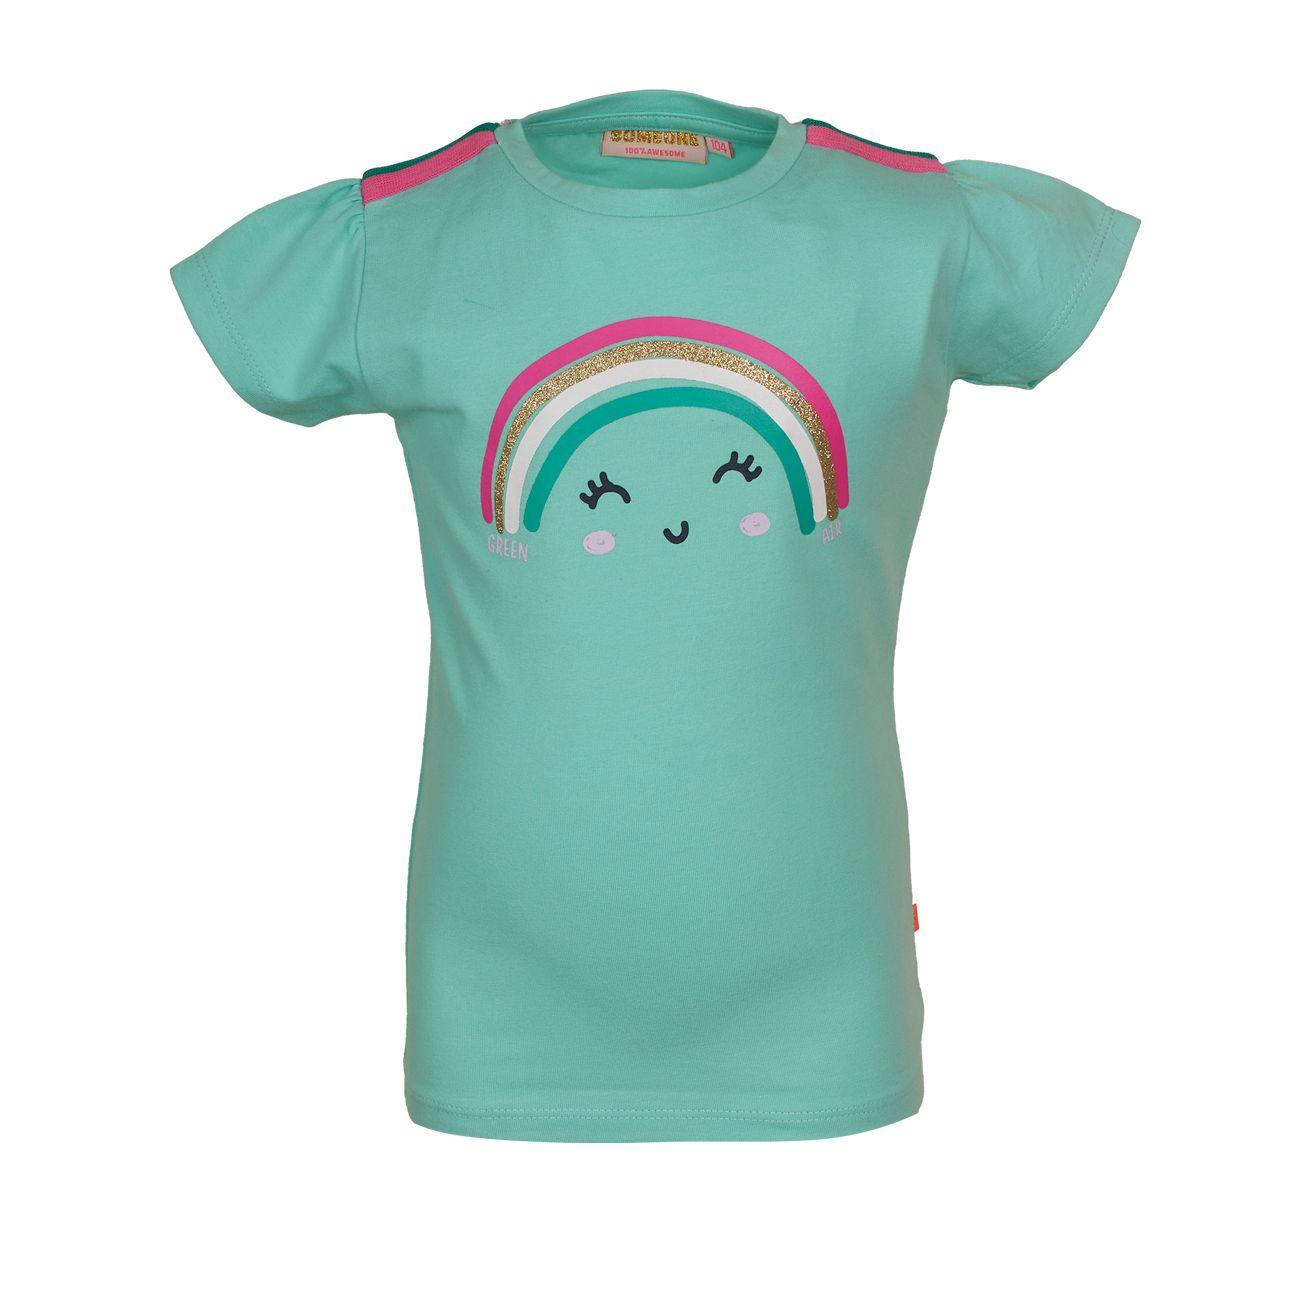 T-Shirt Regenbogen 098 Mint SOMEONE 100% Awesome